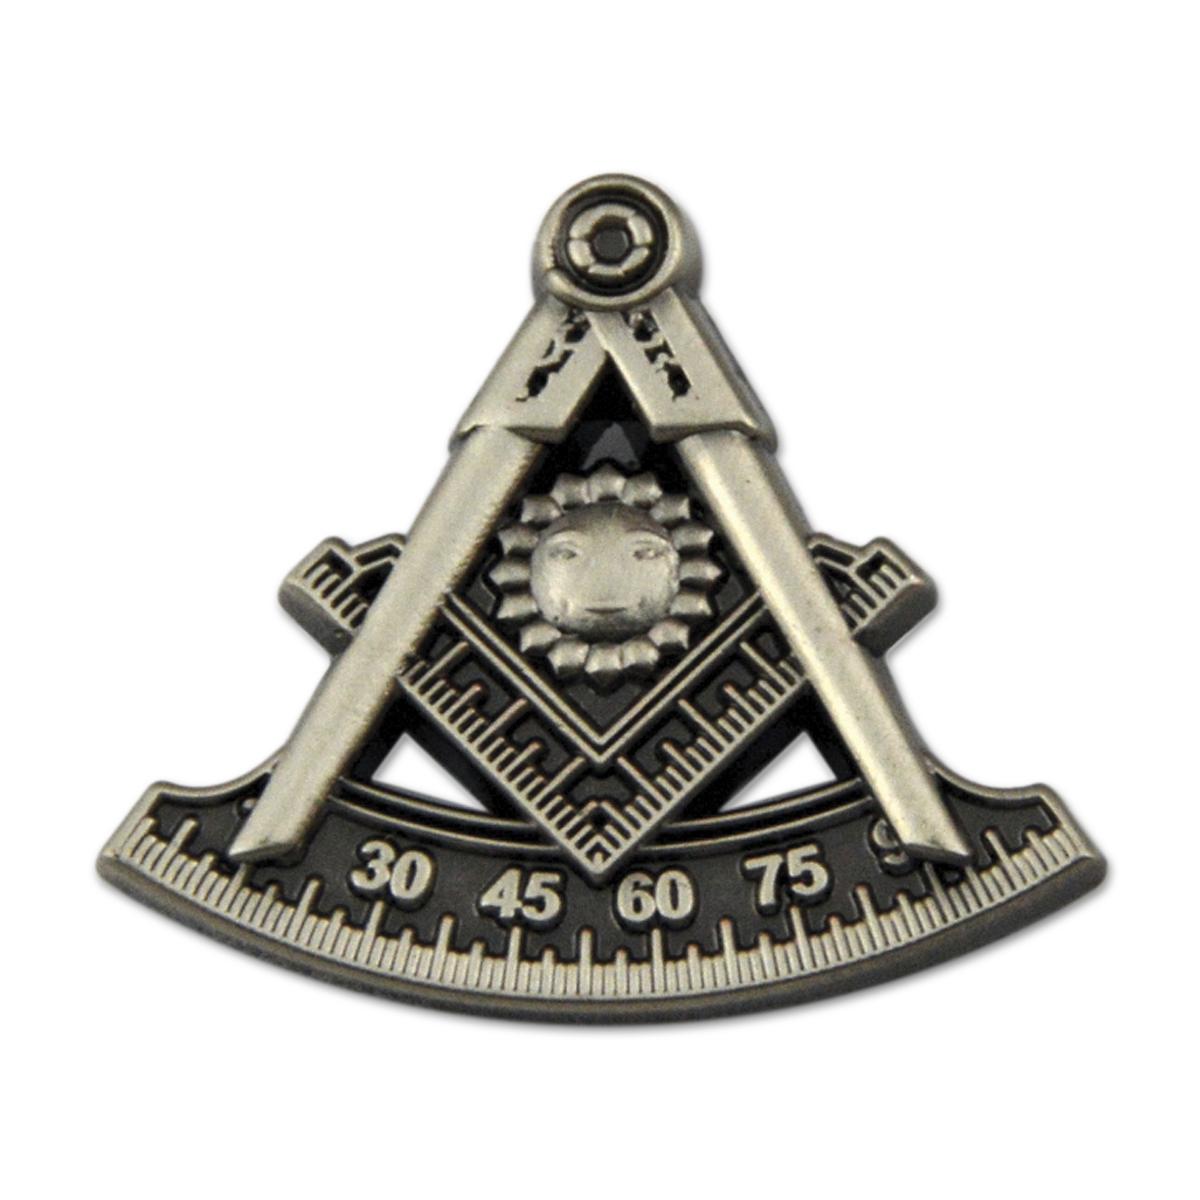 Past Eminent Commander Lapel Pin (PEC-1) | eBay